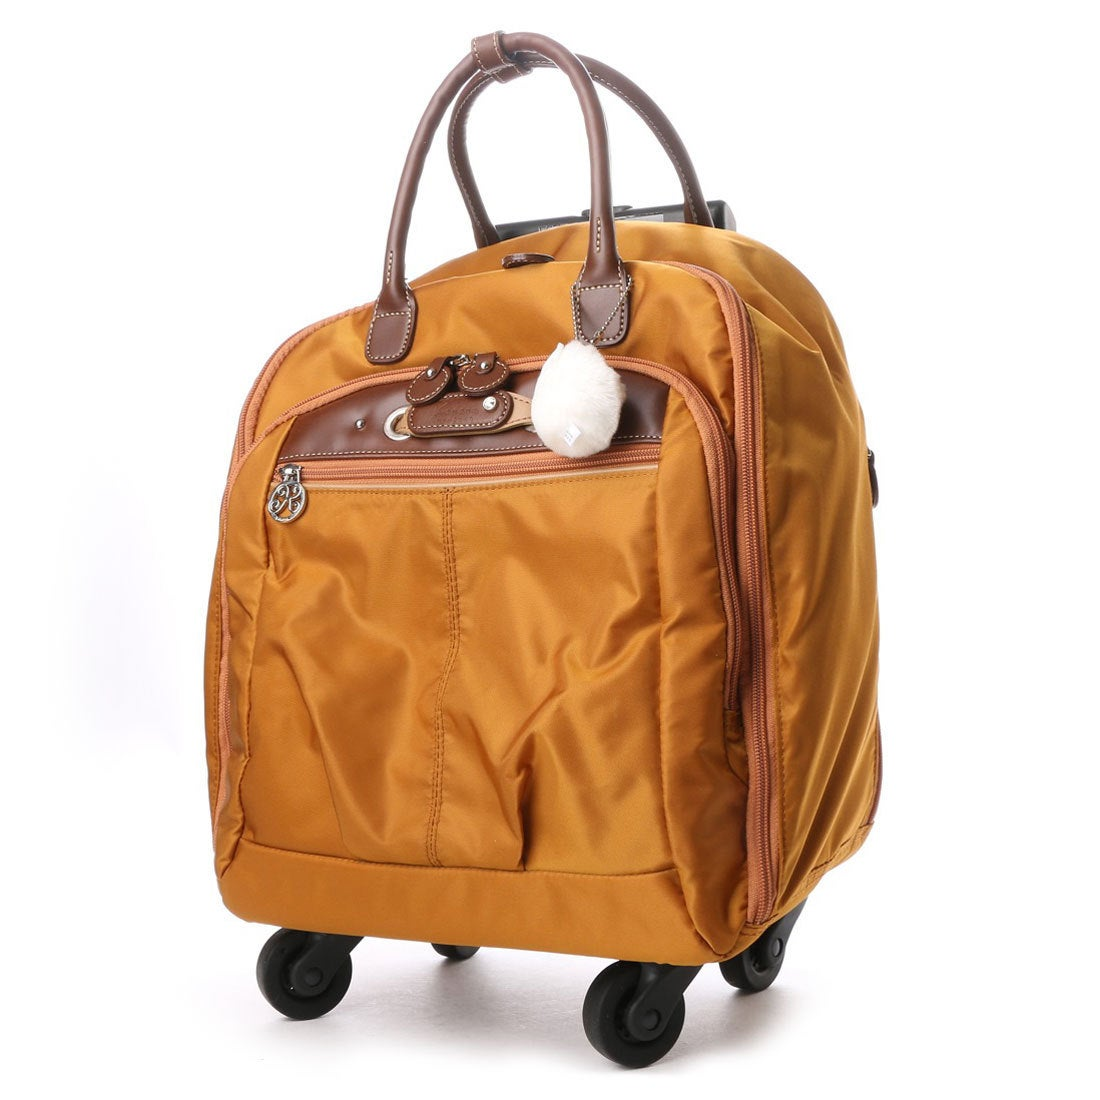 カナナ プロジェクト Kanana project 4輪 トロリーバッグ 17L 2.2kg サイレントキャスター搭載 (オレンジ) レディース